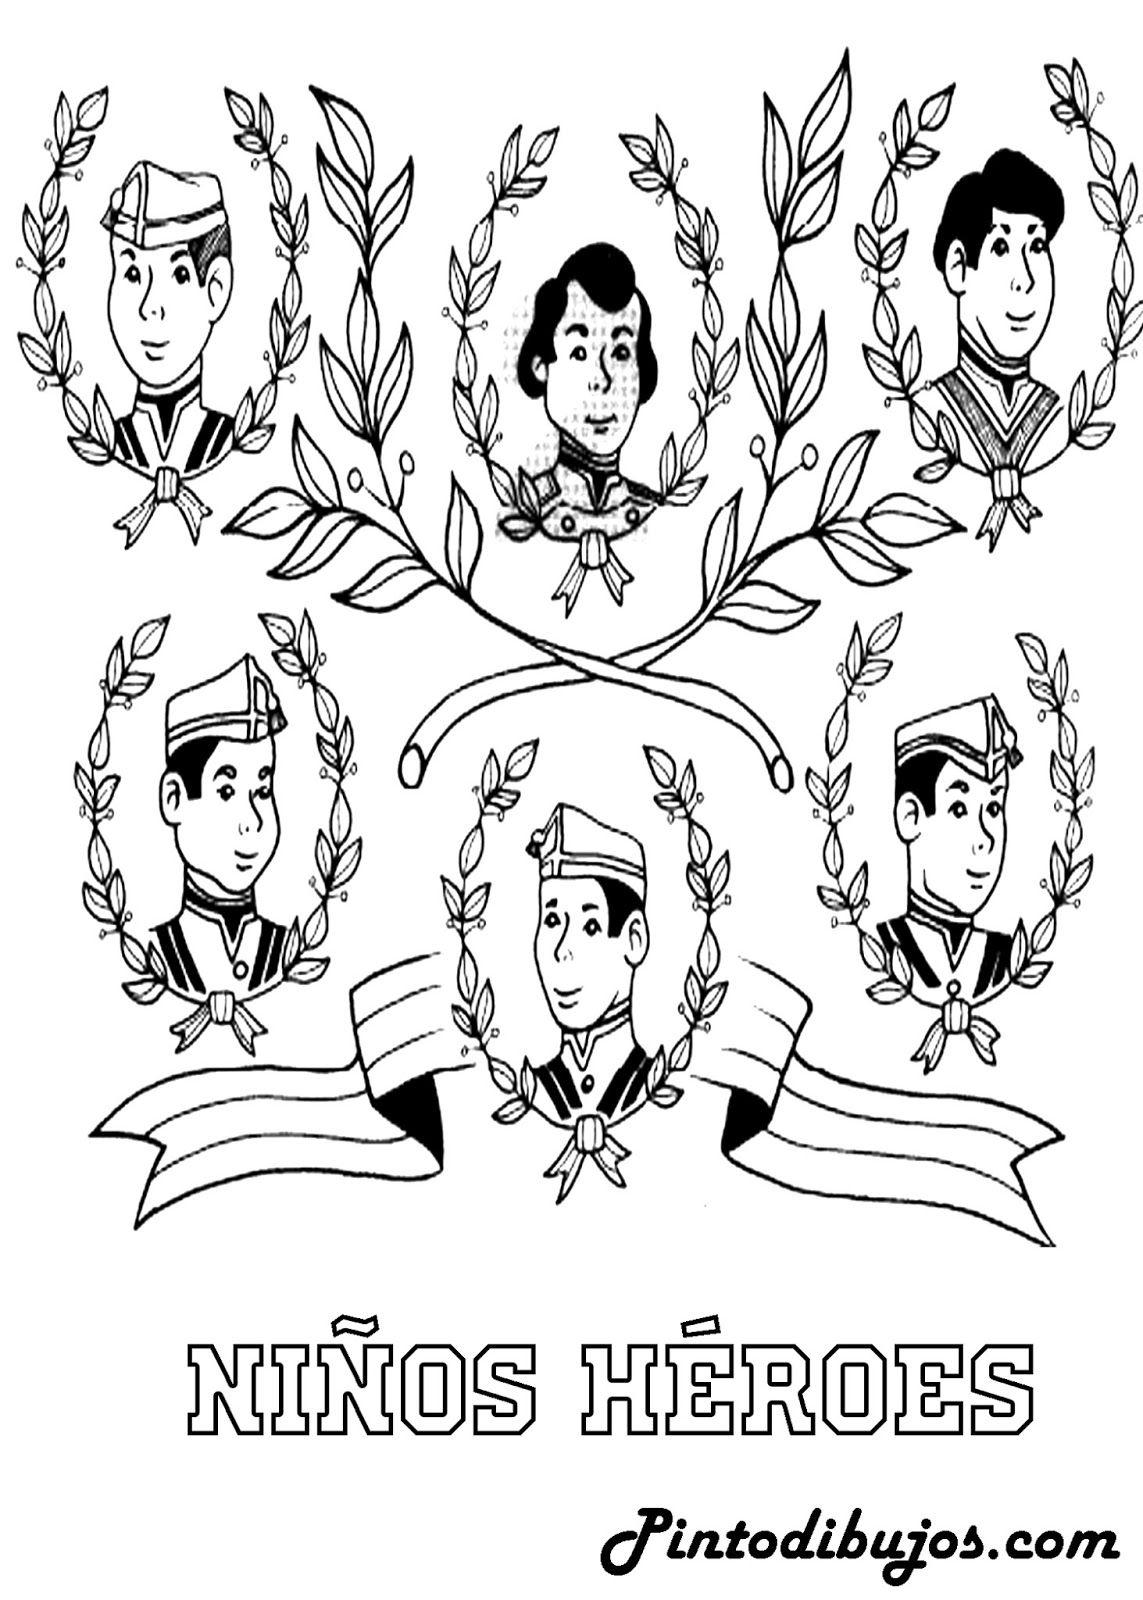 Dibujo De Los Ninos Heroes Para Colorear 13 De Septiembre Para Colorear Ninos Heroes Para Colorear Los Ninos Heroes Dibujos Para Ninos